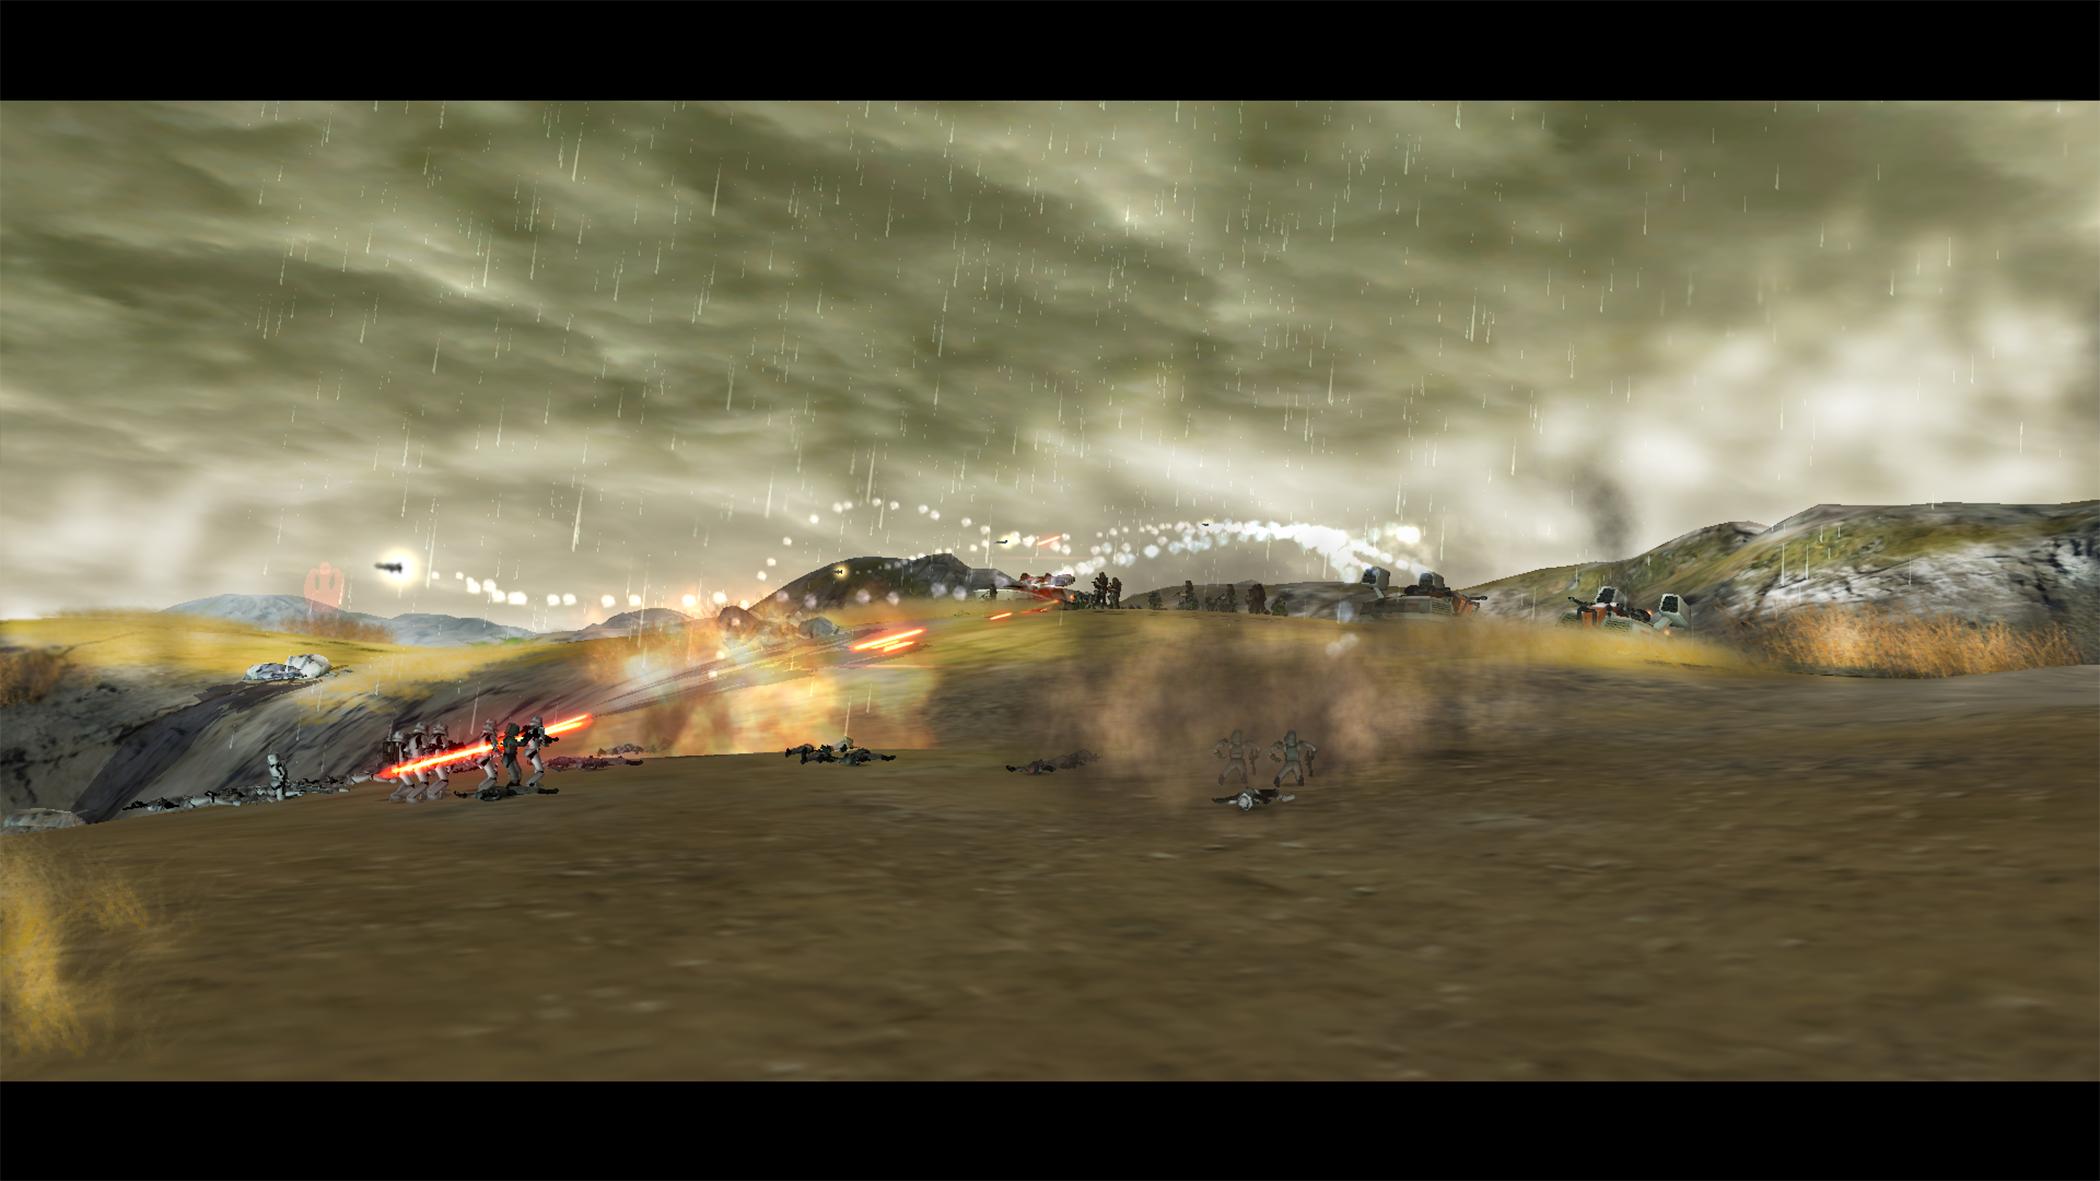 Rebel attack on Nemodia